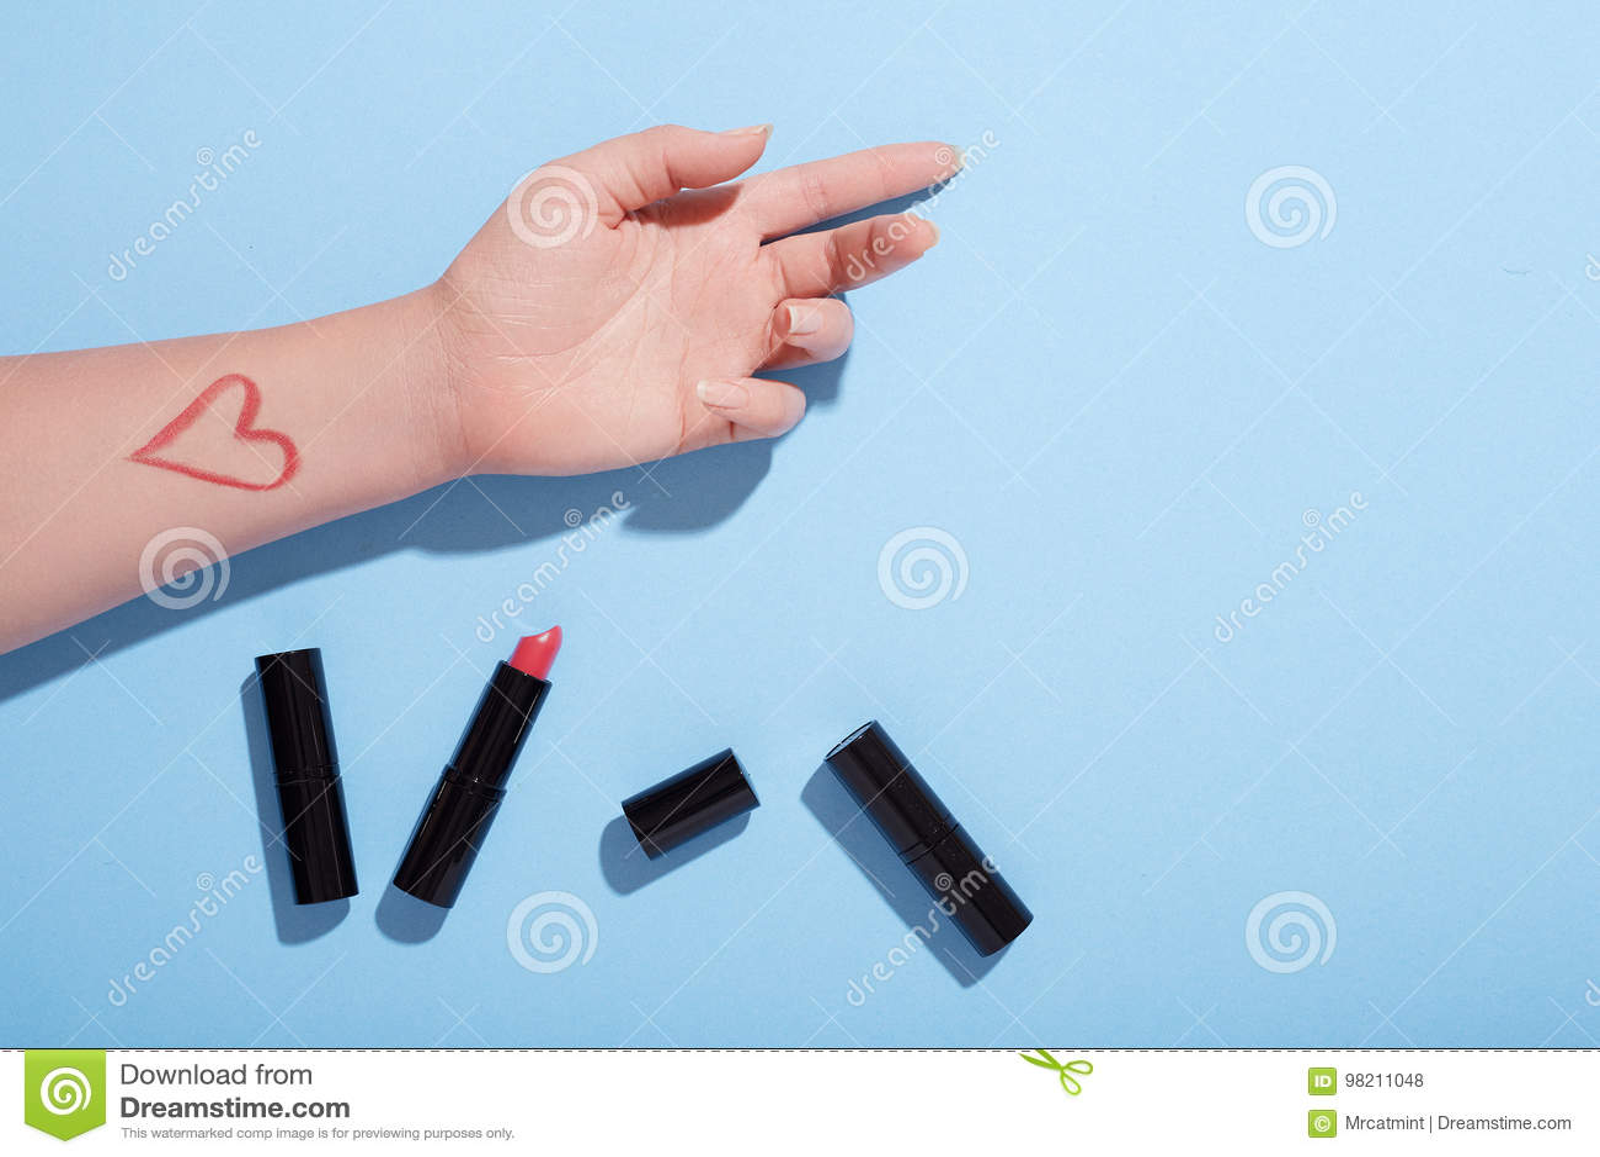 Испытание хода губной помады по рука ` s женщины, плоское положение, взгляд столешницы, голубая предпосылка